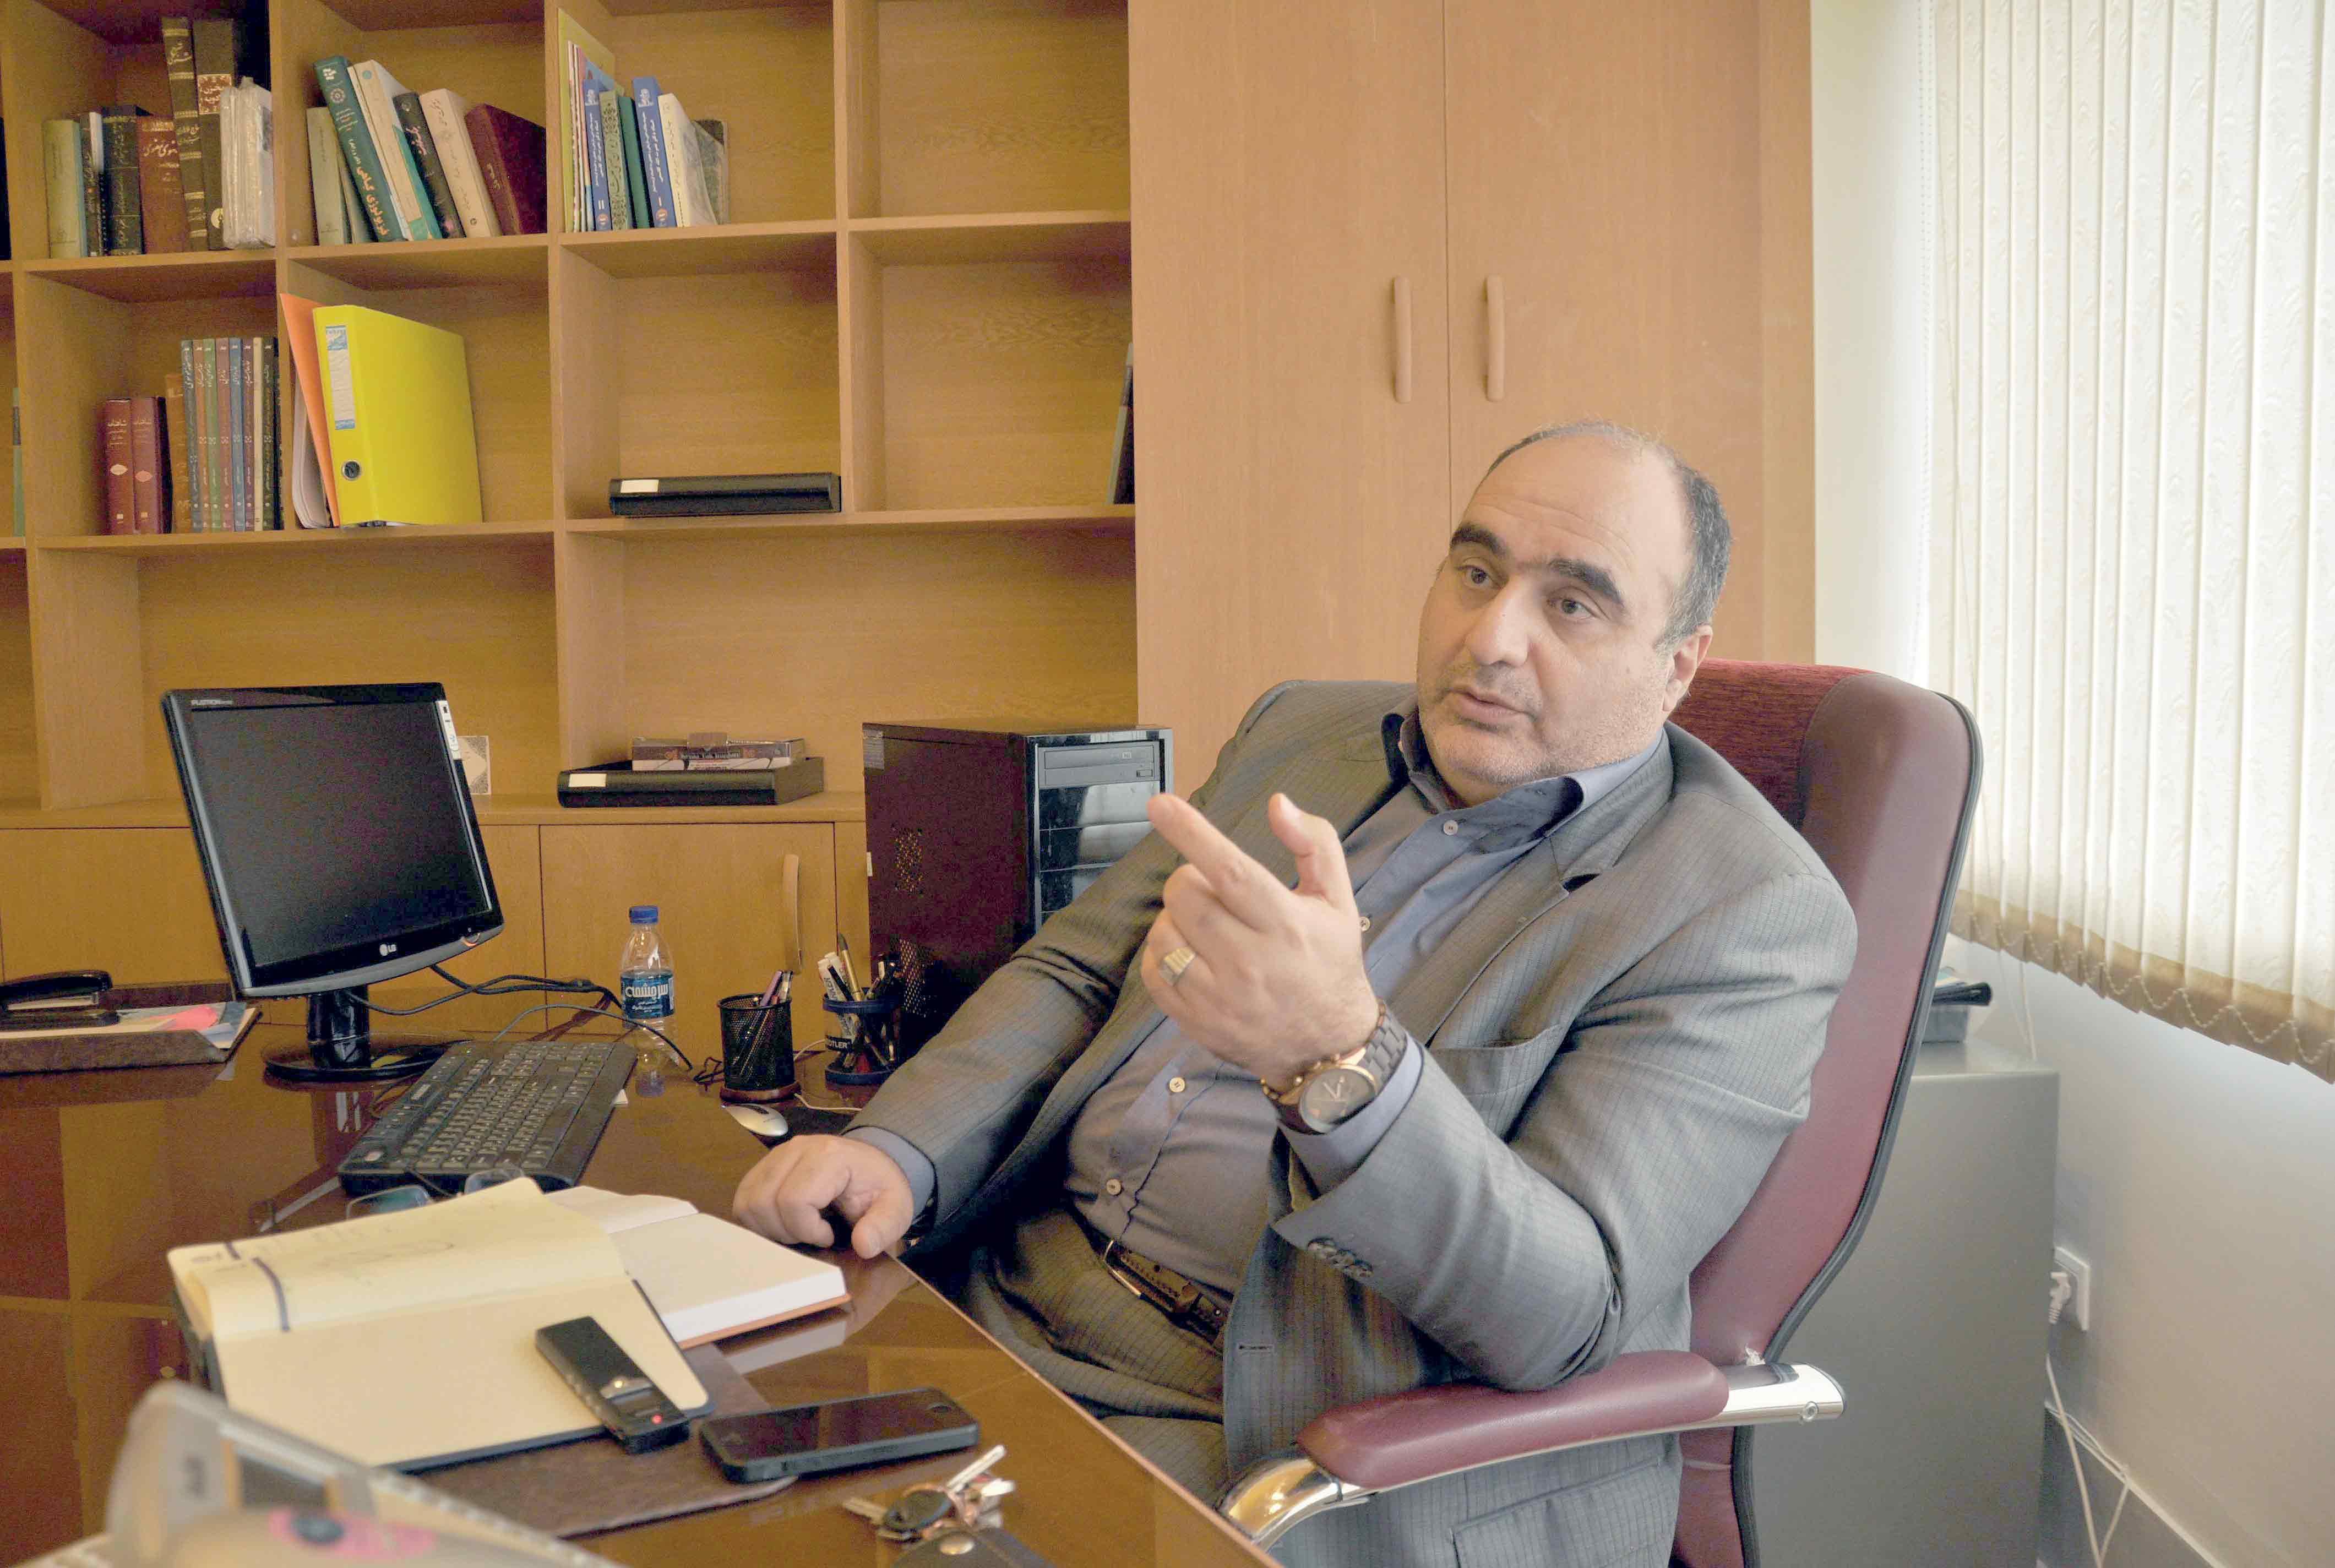 کرونا، اهمیت حاکمیت سیاسی را روشن تر کرد. گفتگو با دکتر رضا سیمبر